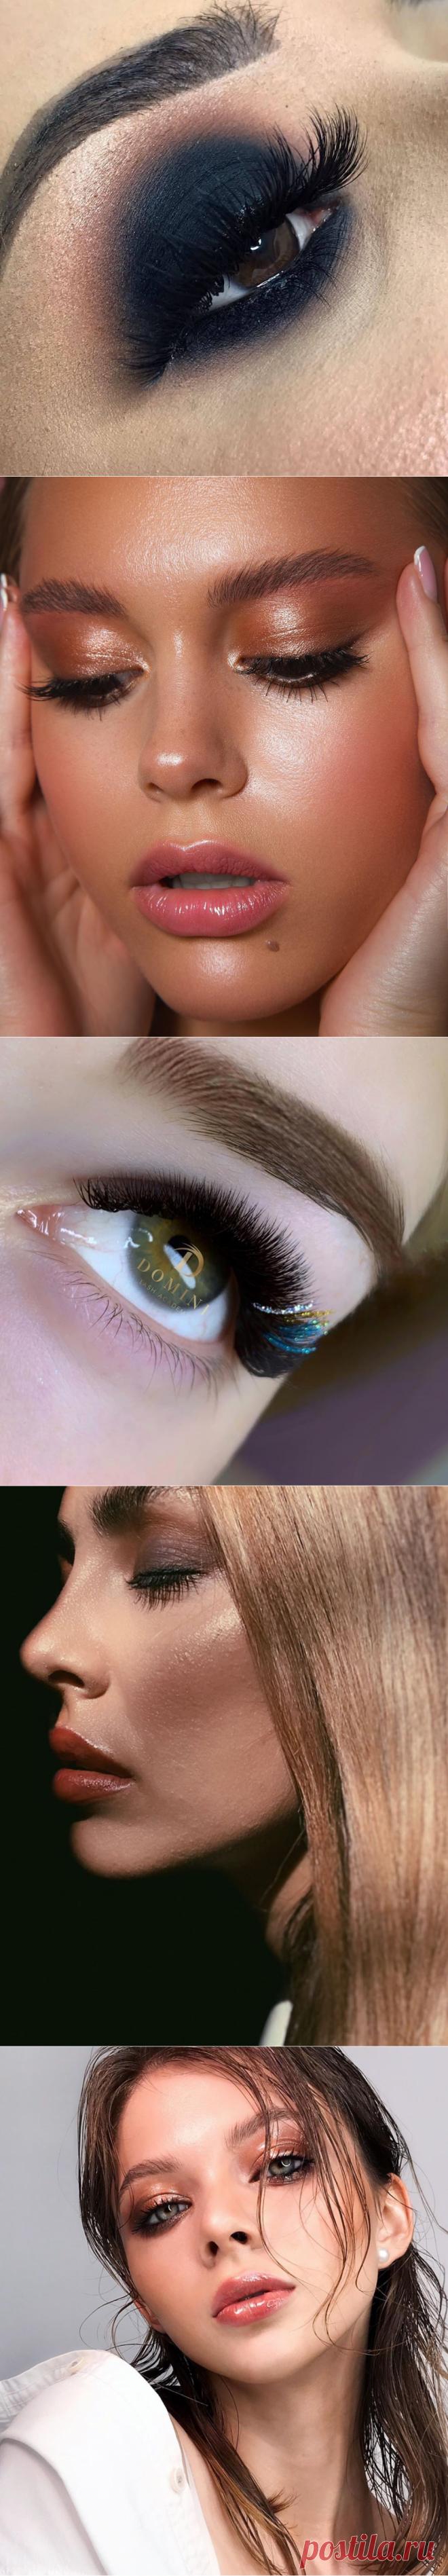 Модный мейкап: самые актуальные техники макияжа | World Fashion Channel | Яндекс Дзен